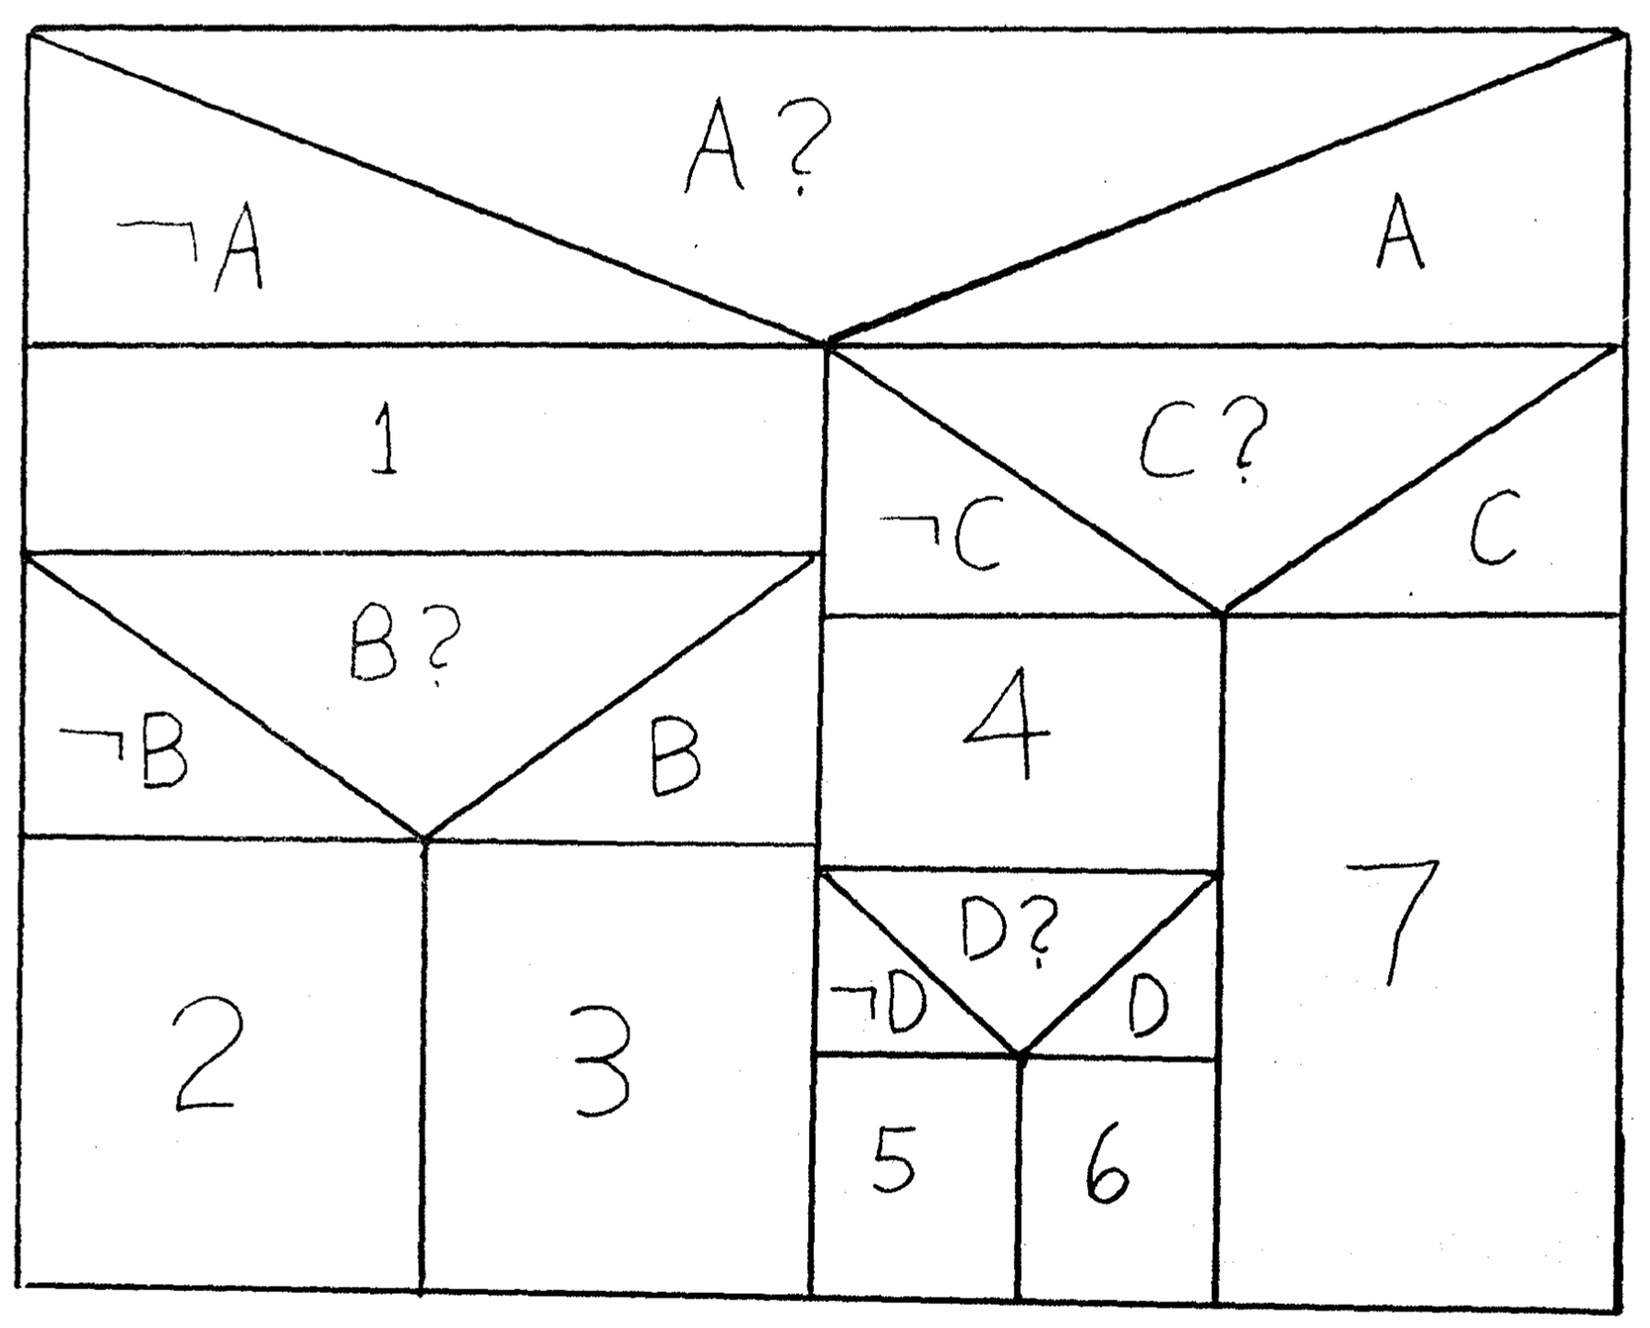 nassi shneiderman diagram